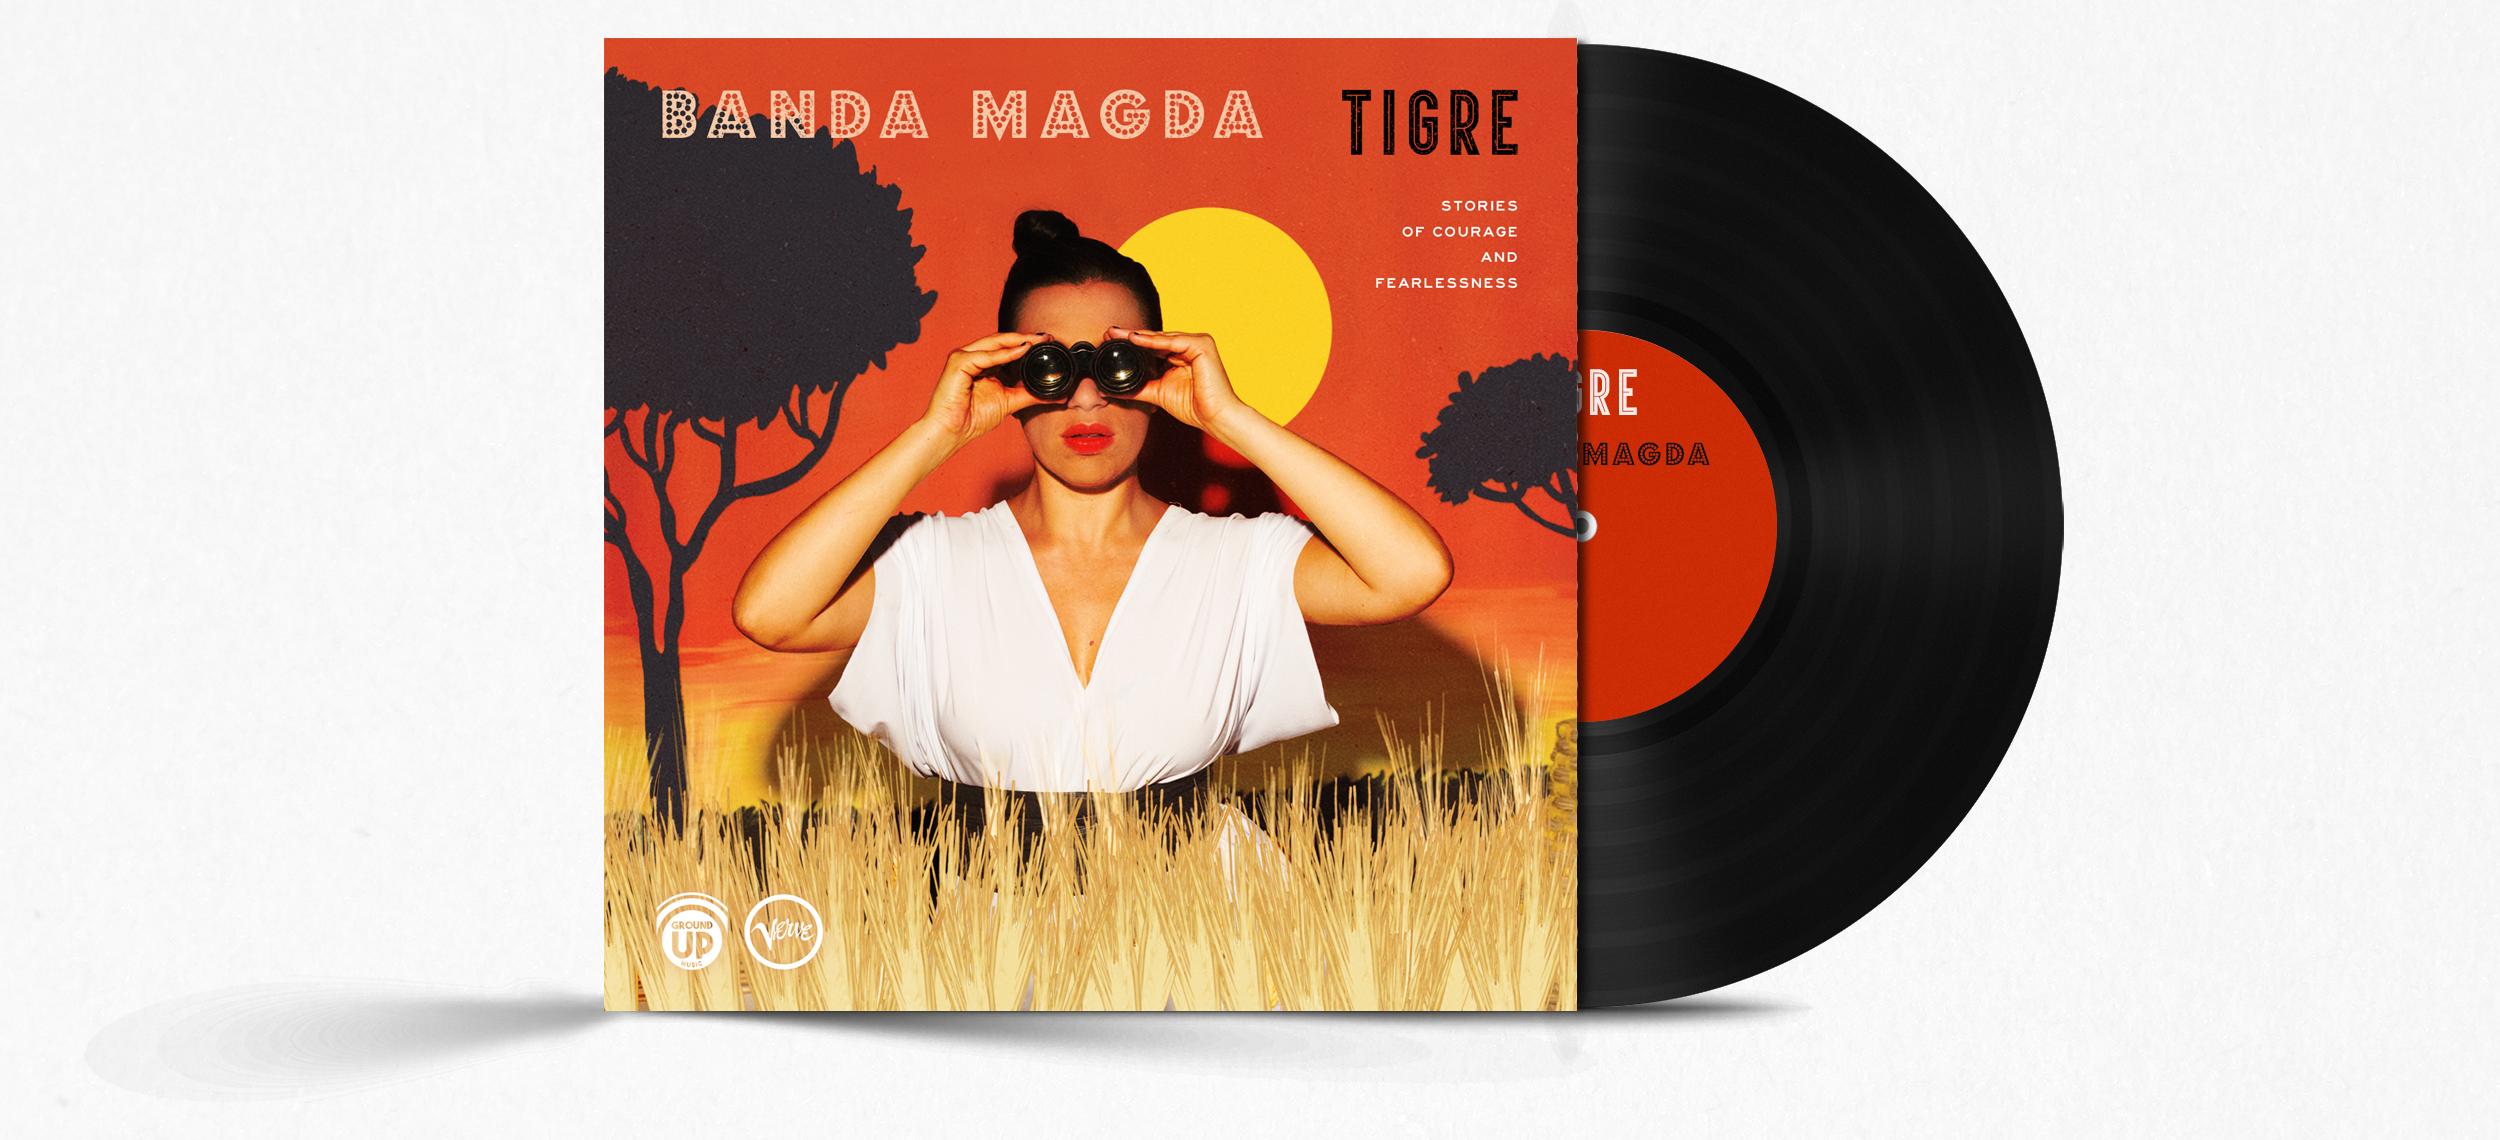 BAND MAGDA TIGRE Vinyl.png